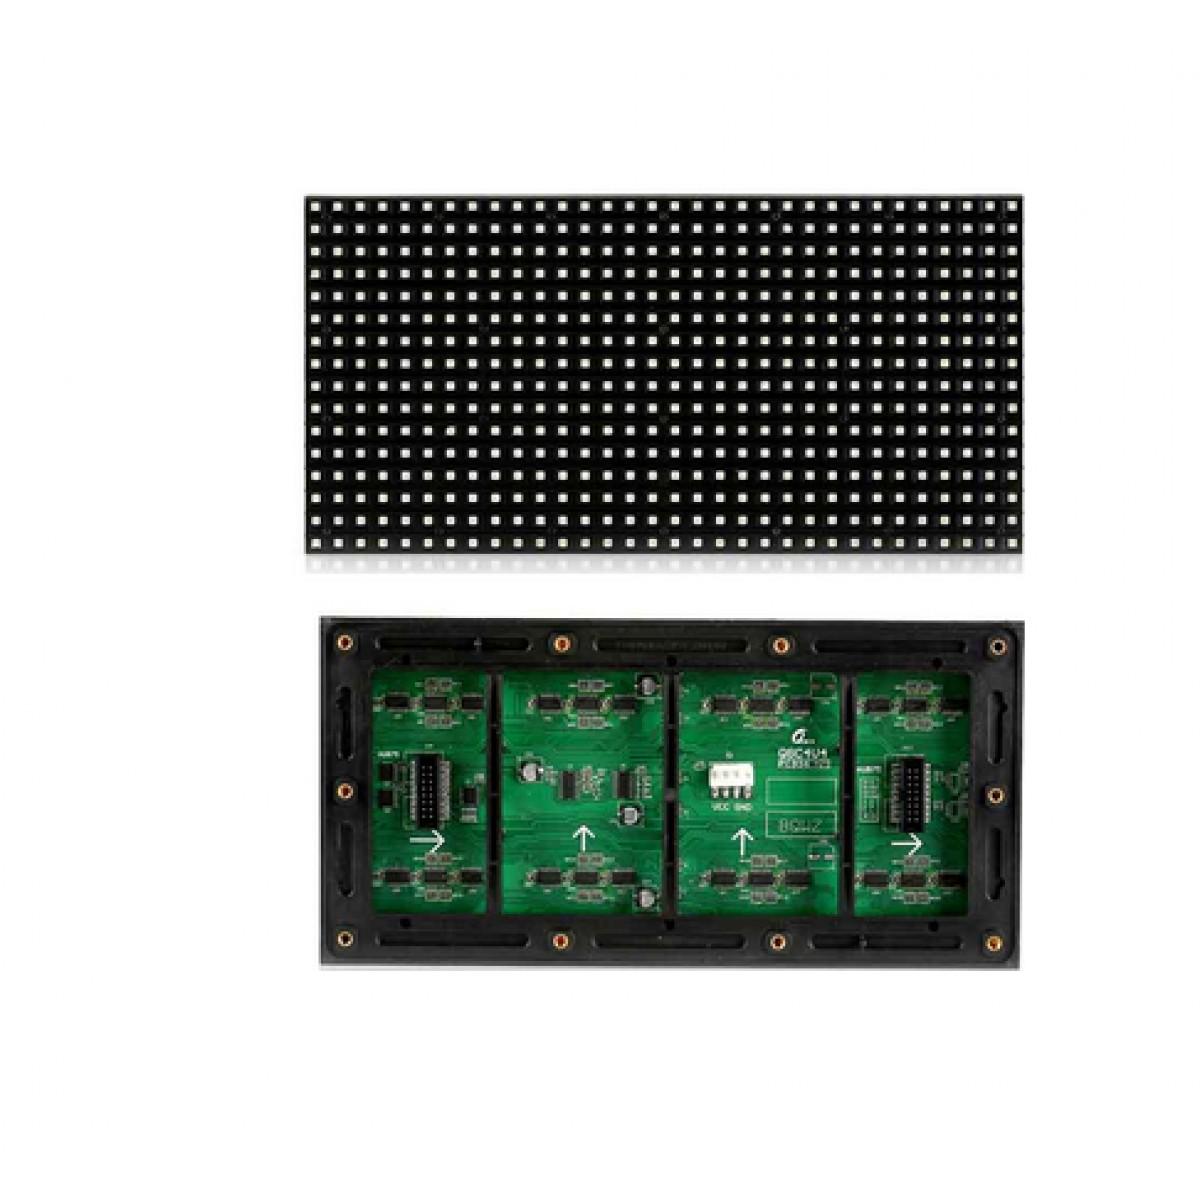 户外表贴全彩Q6-E单板分辨率32*32单板尺寸192*192扫描方式1/8